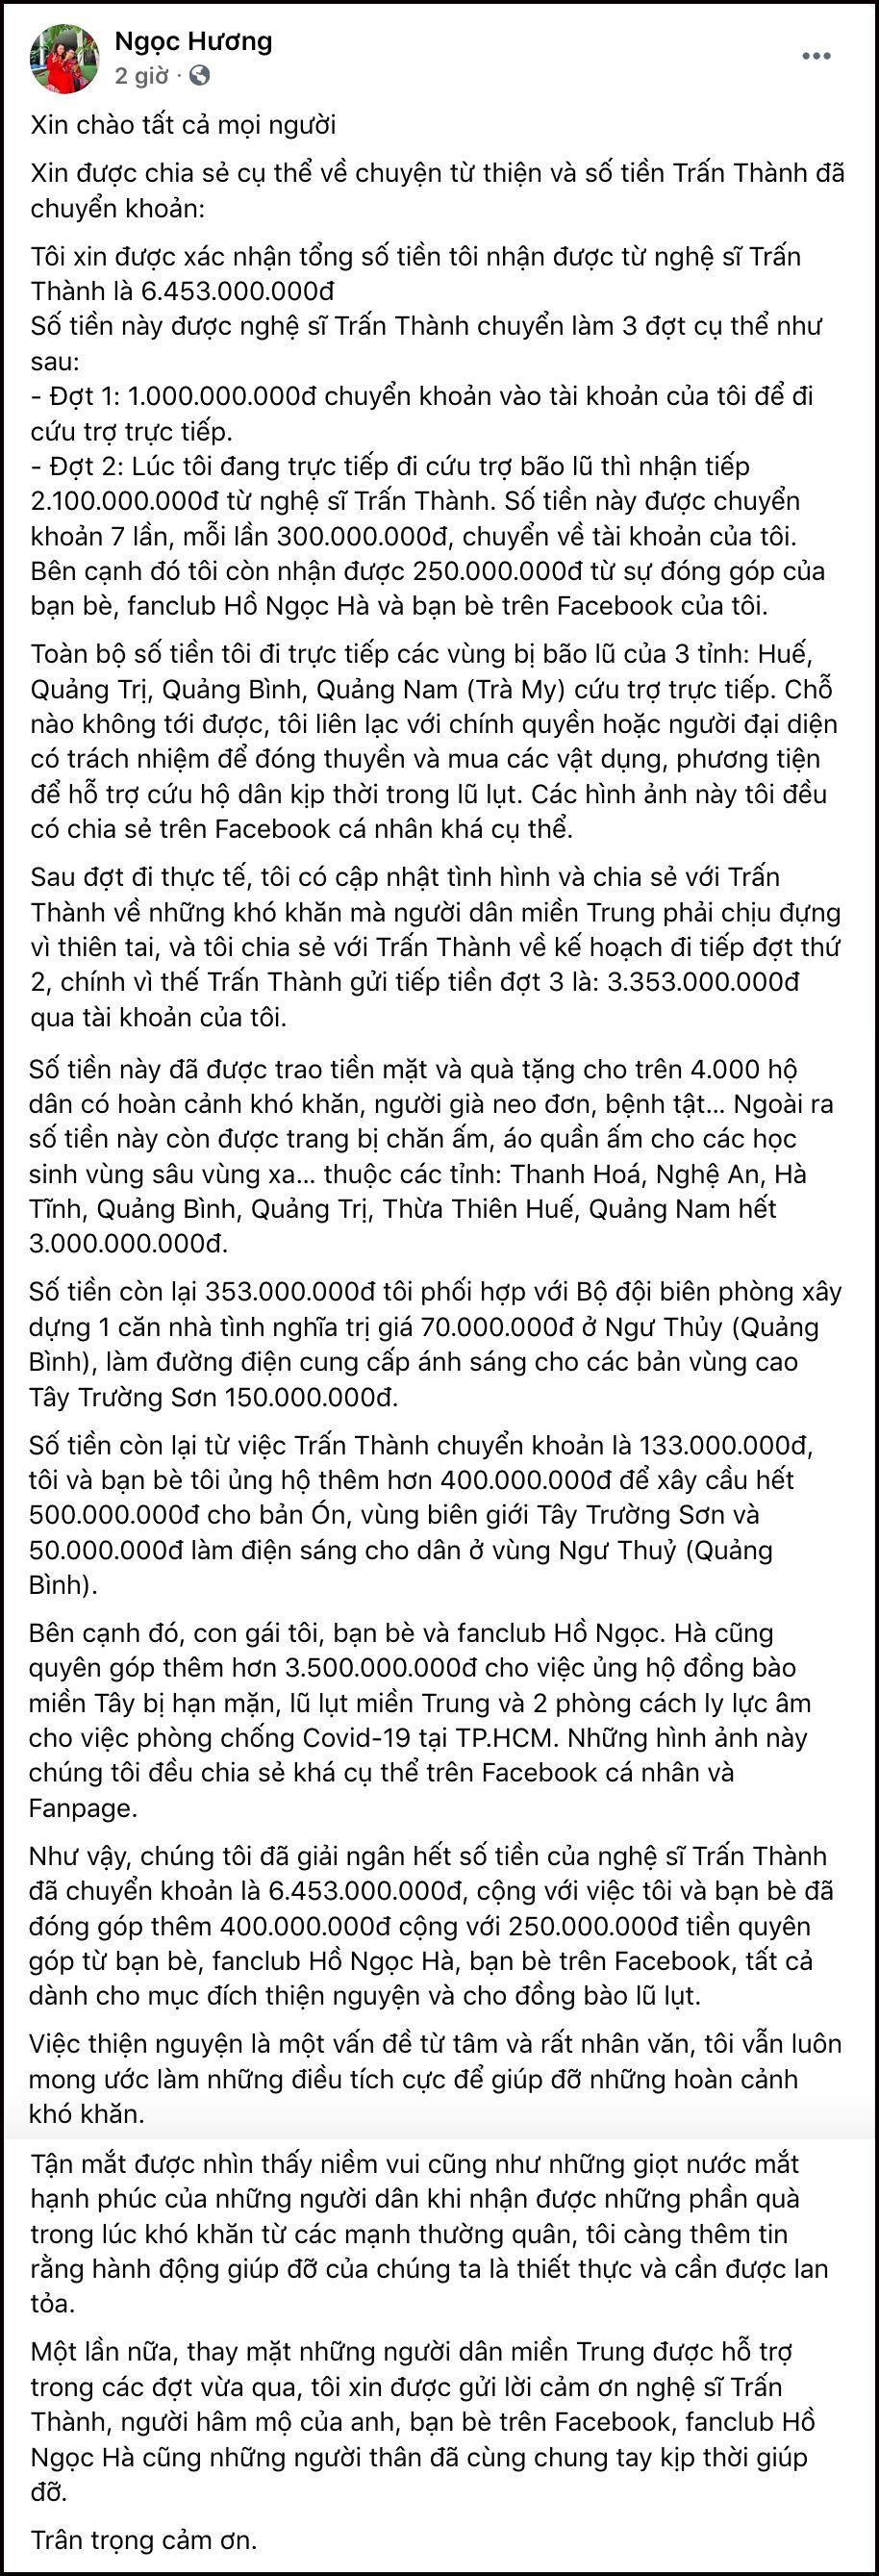 Nguyên văn chia sẻ của bà Ngọc Hương